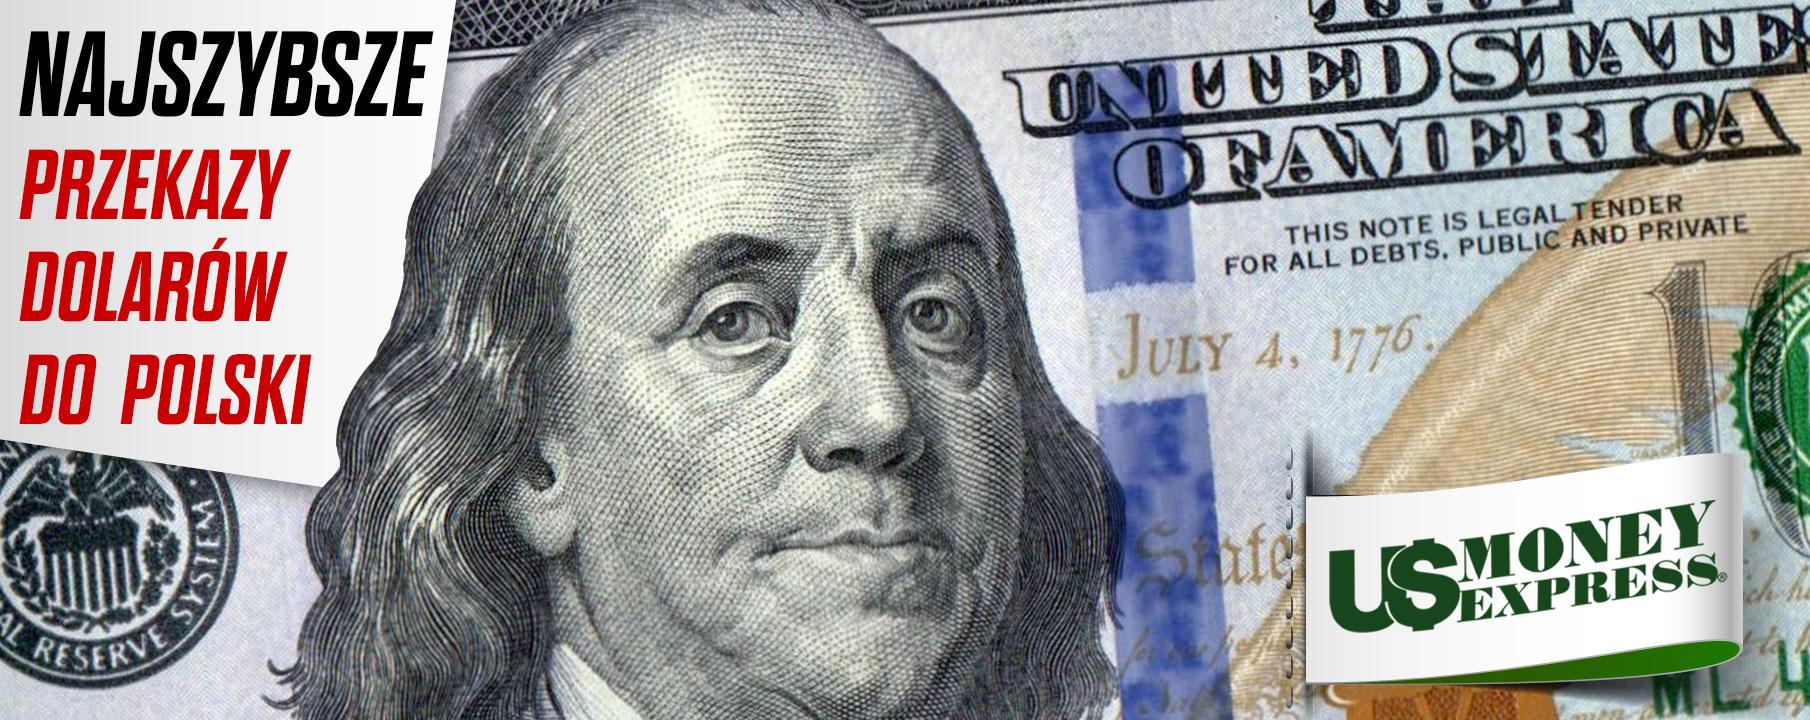 Przekazy dolarów z US Money Express szybko, tanio, bezpiecznie